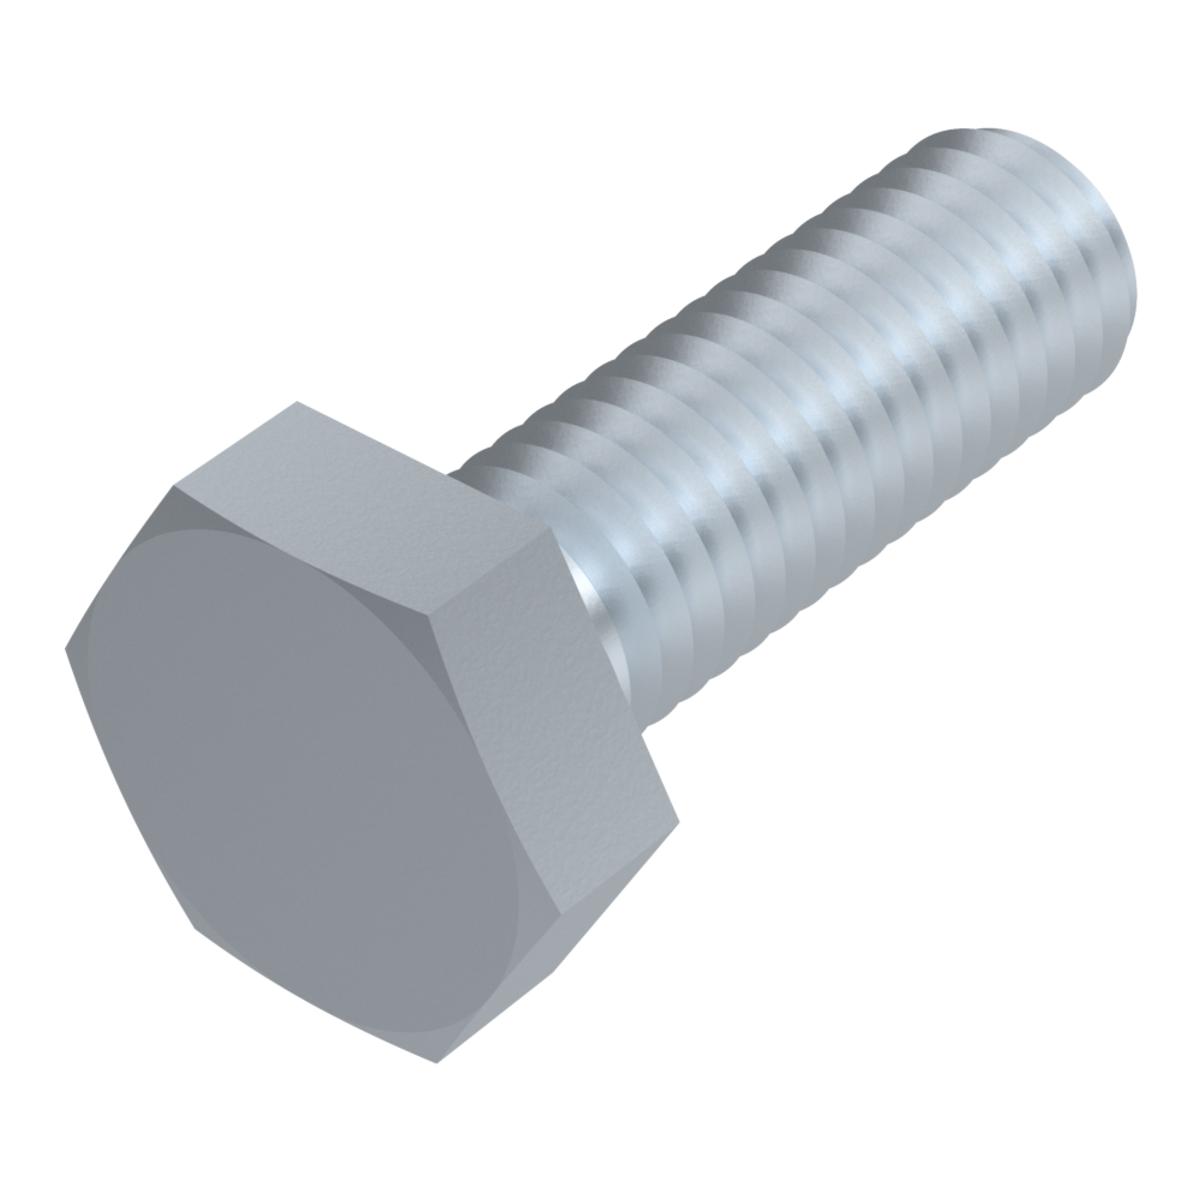 verzinkt DIN 931 20X M8x90 Sechskantschrauben Teilgewinde 8.8 galv ISO 4014 M8 x 90 20 St/ück